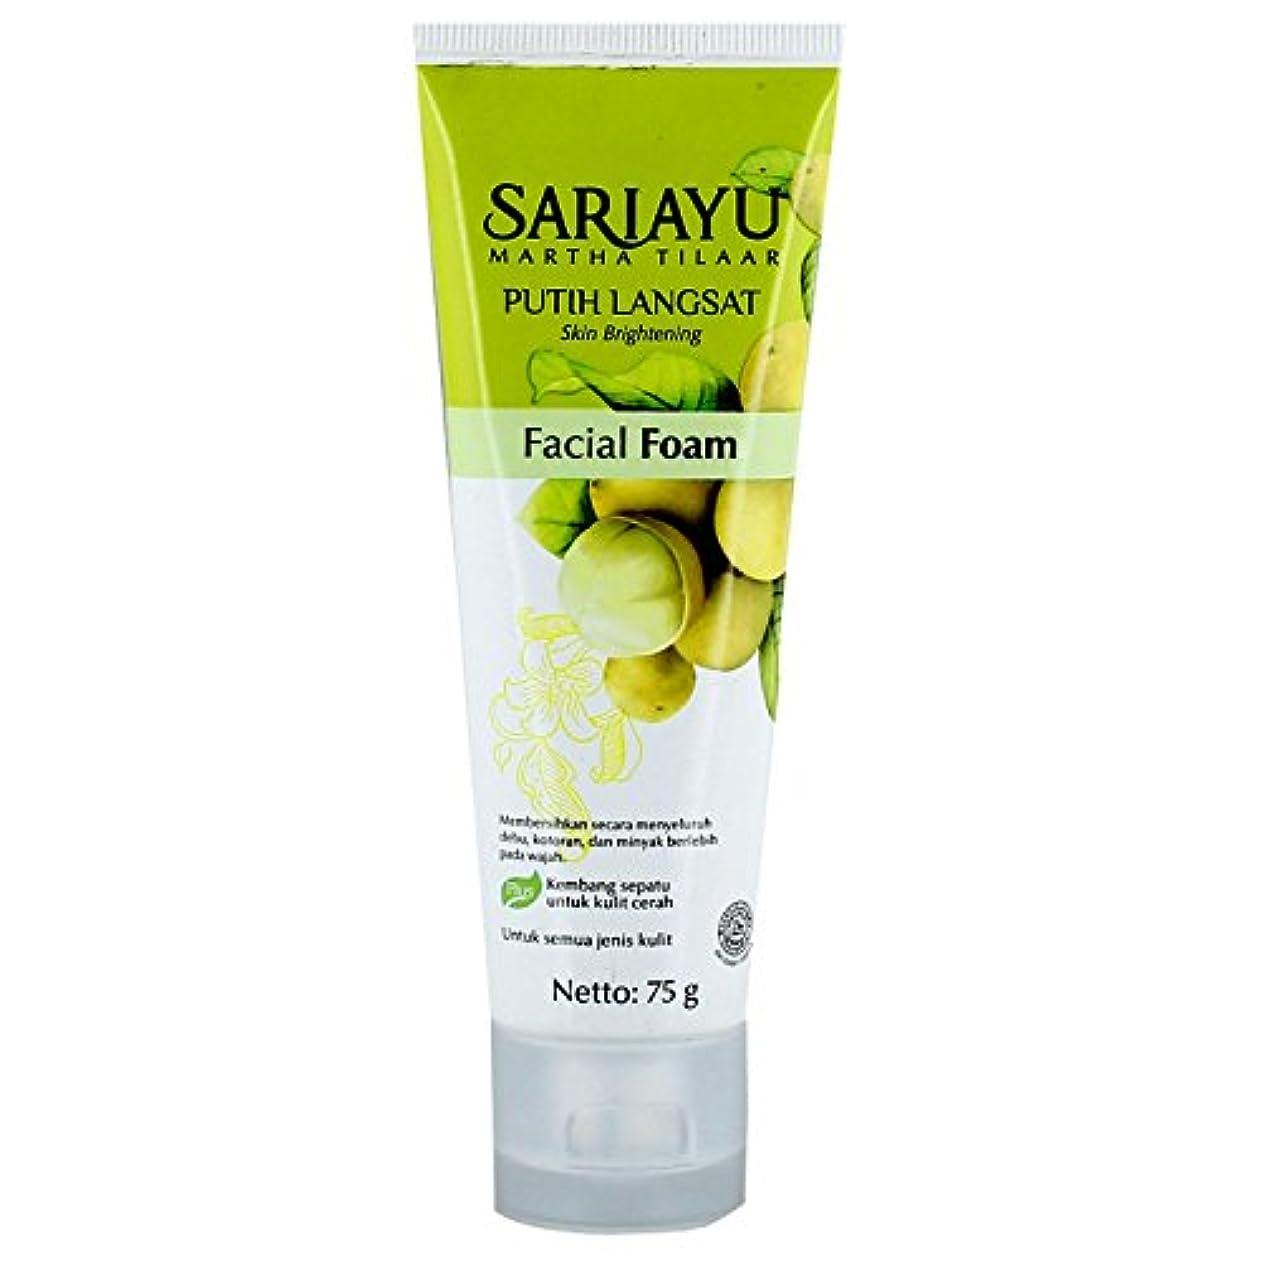 武器報復する宣伝Sariayu プティlangsat洗顔フォーム、75グラム